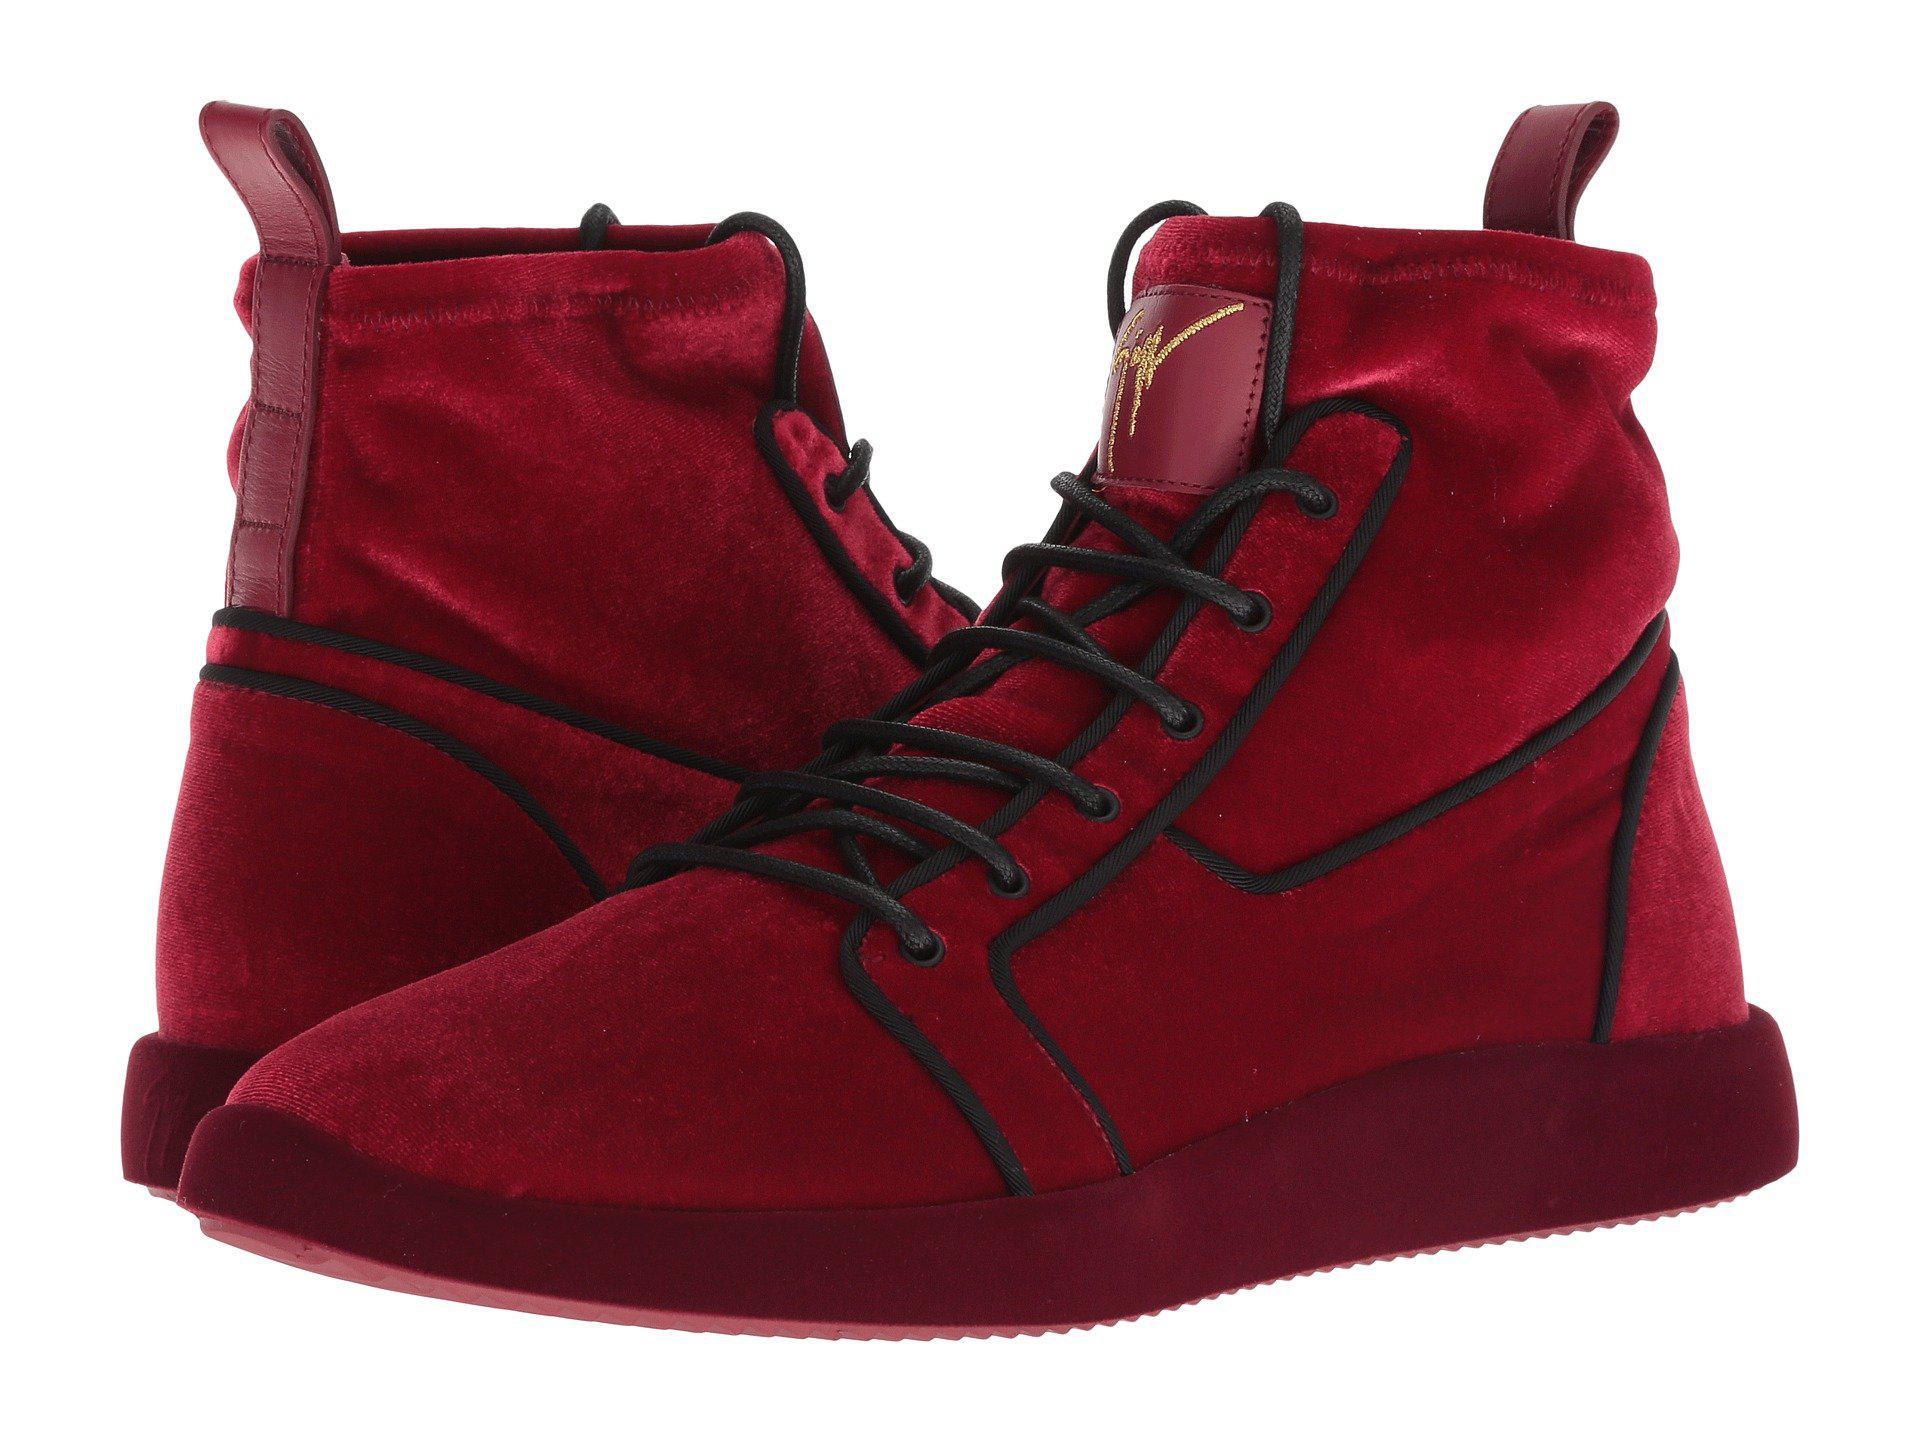 b5f552f1dcb Lyst - Giuseppe Zanotti Singles Velvet High Top Sneaker in Red for Men